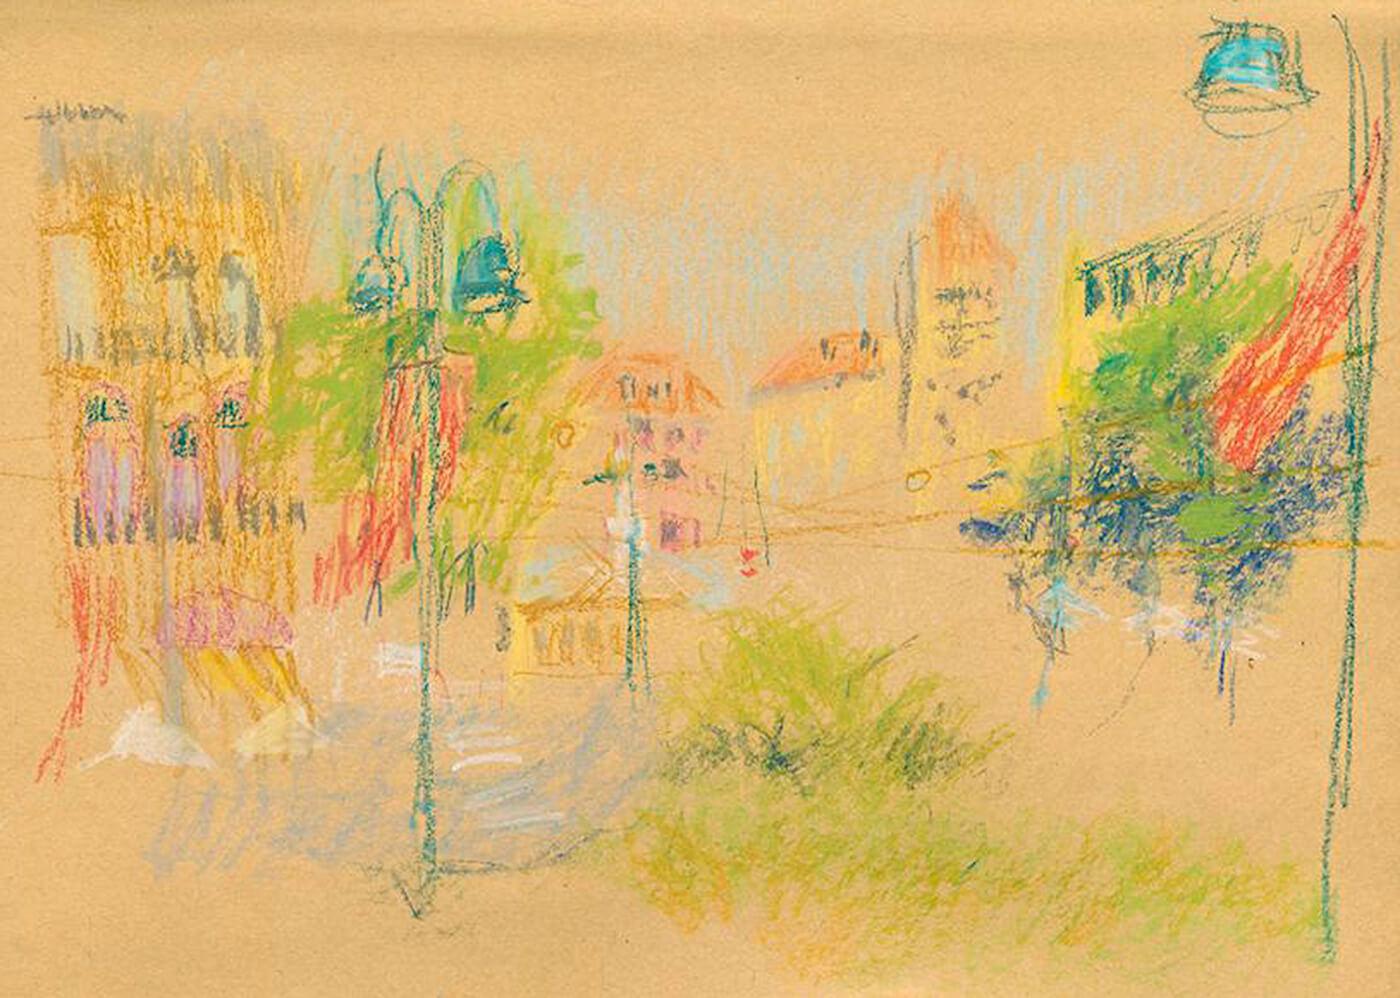 Mailand, Scribble, Polychrom, Zeichnung, Art